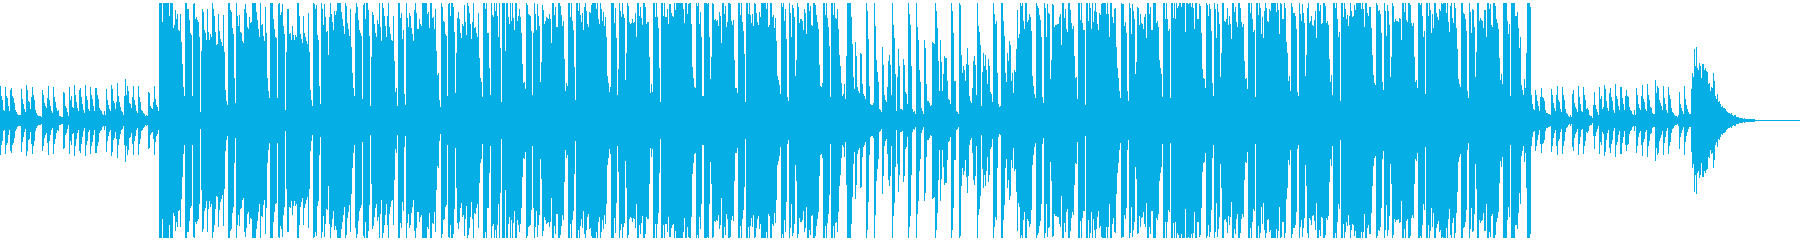 不気味な洋楽風 Hip-Hopビートの再生済みの波形